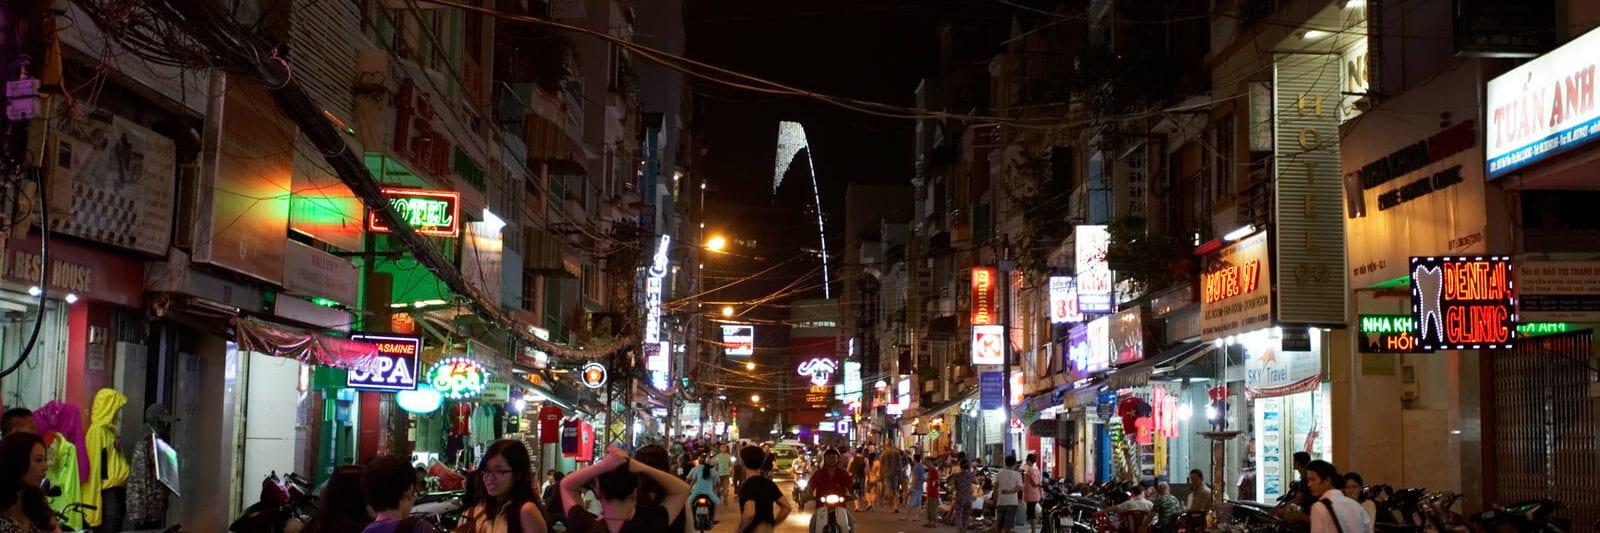 Image of the Bui Vien Street in HCMC, Vietnam